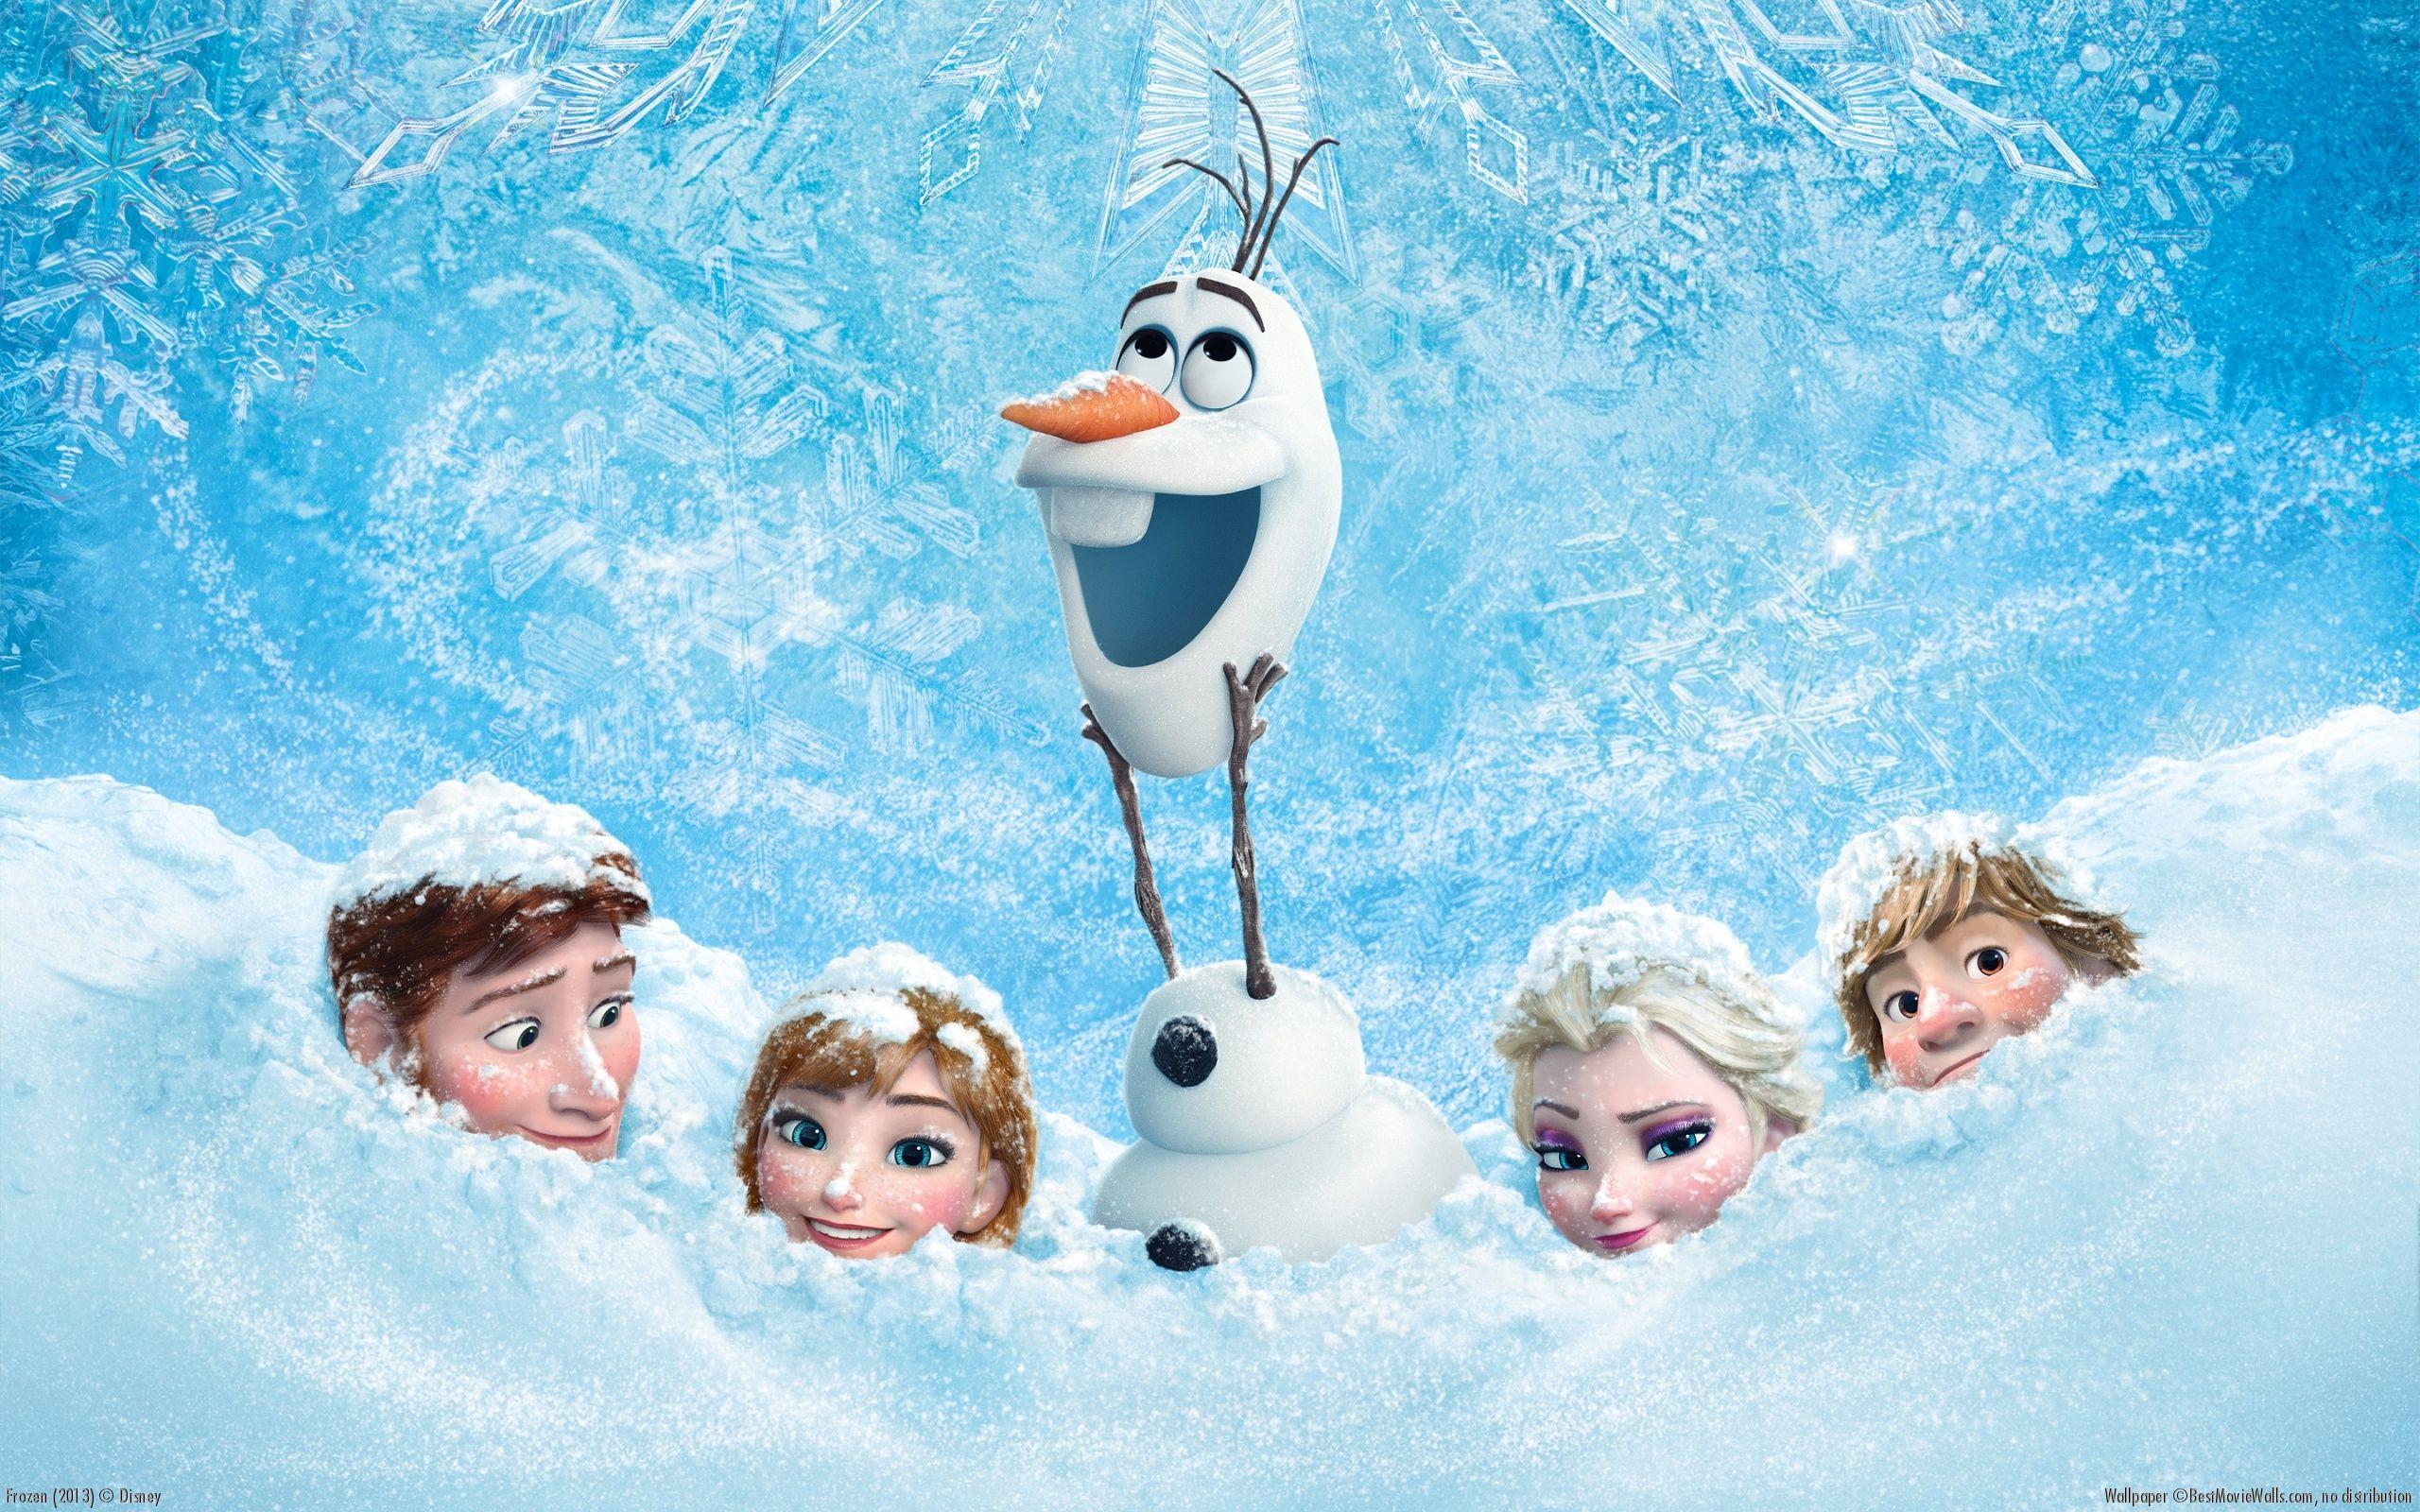 Frozen es la película animada más taquillera de la historia - The Fanático #Frozen #Disney